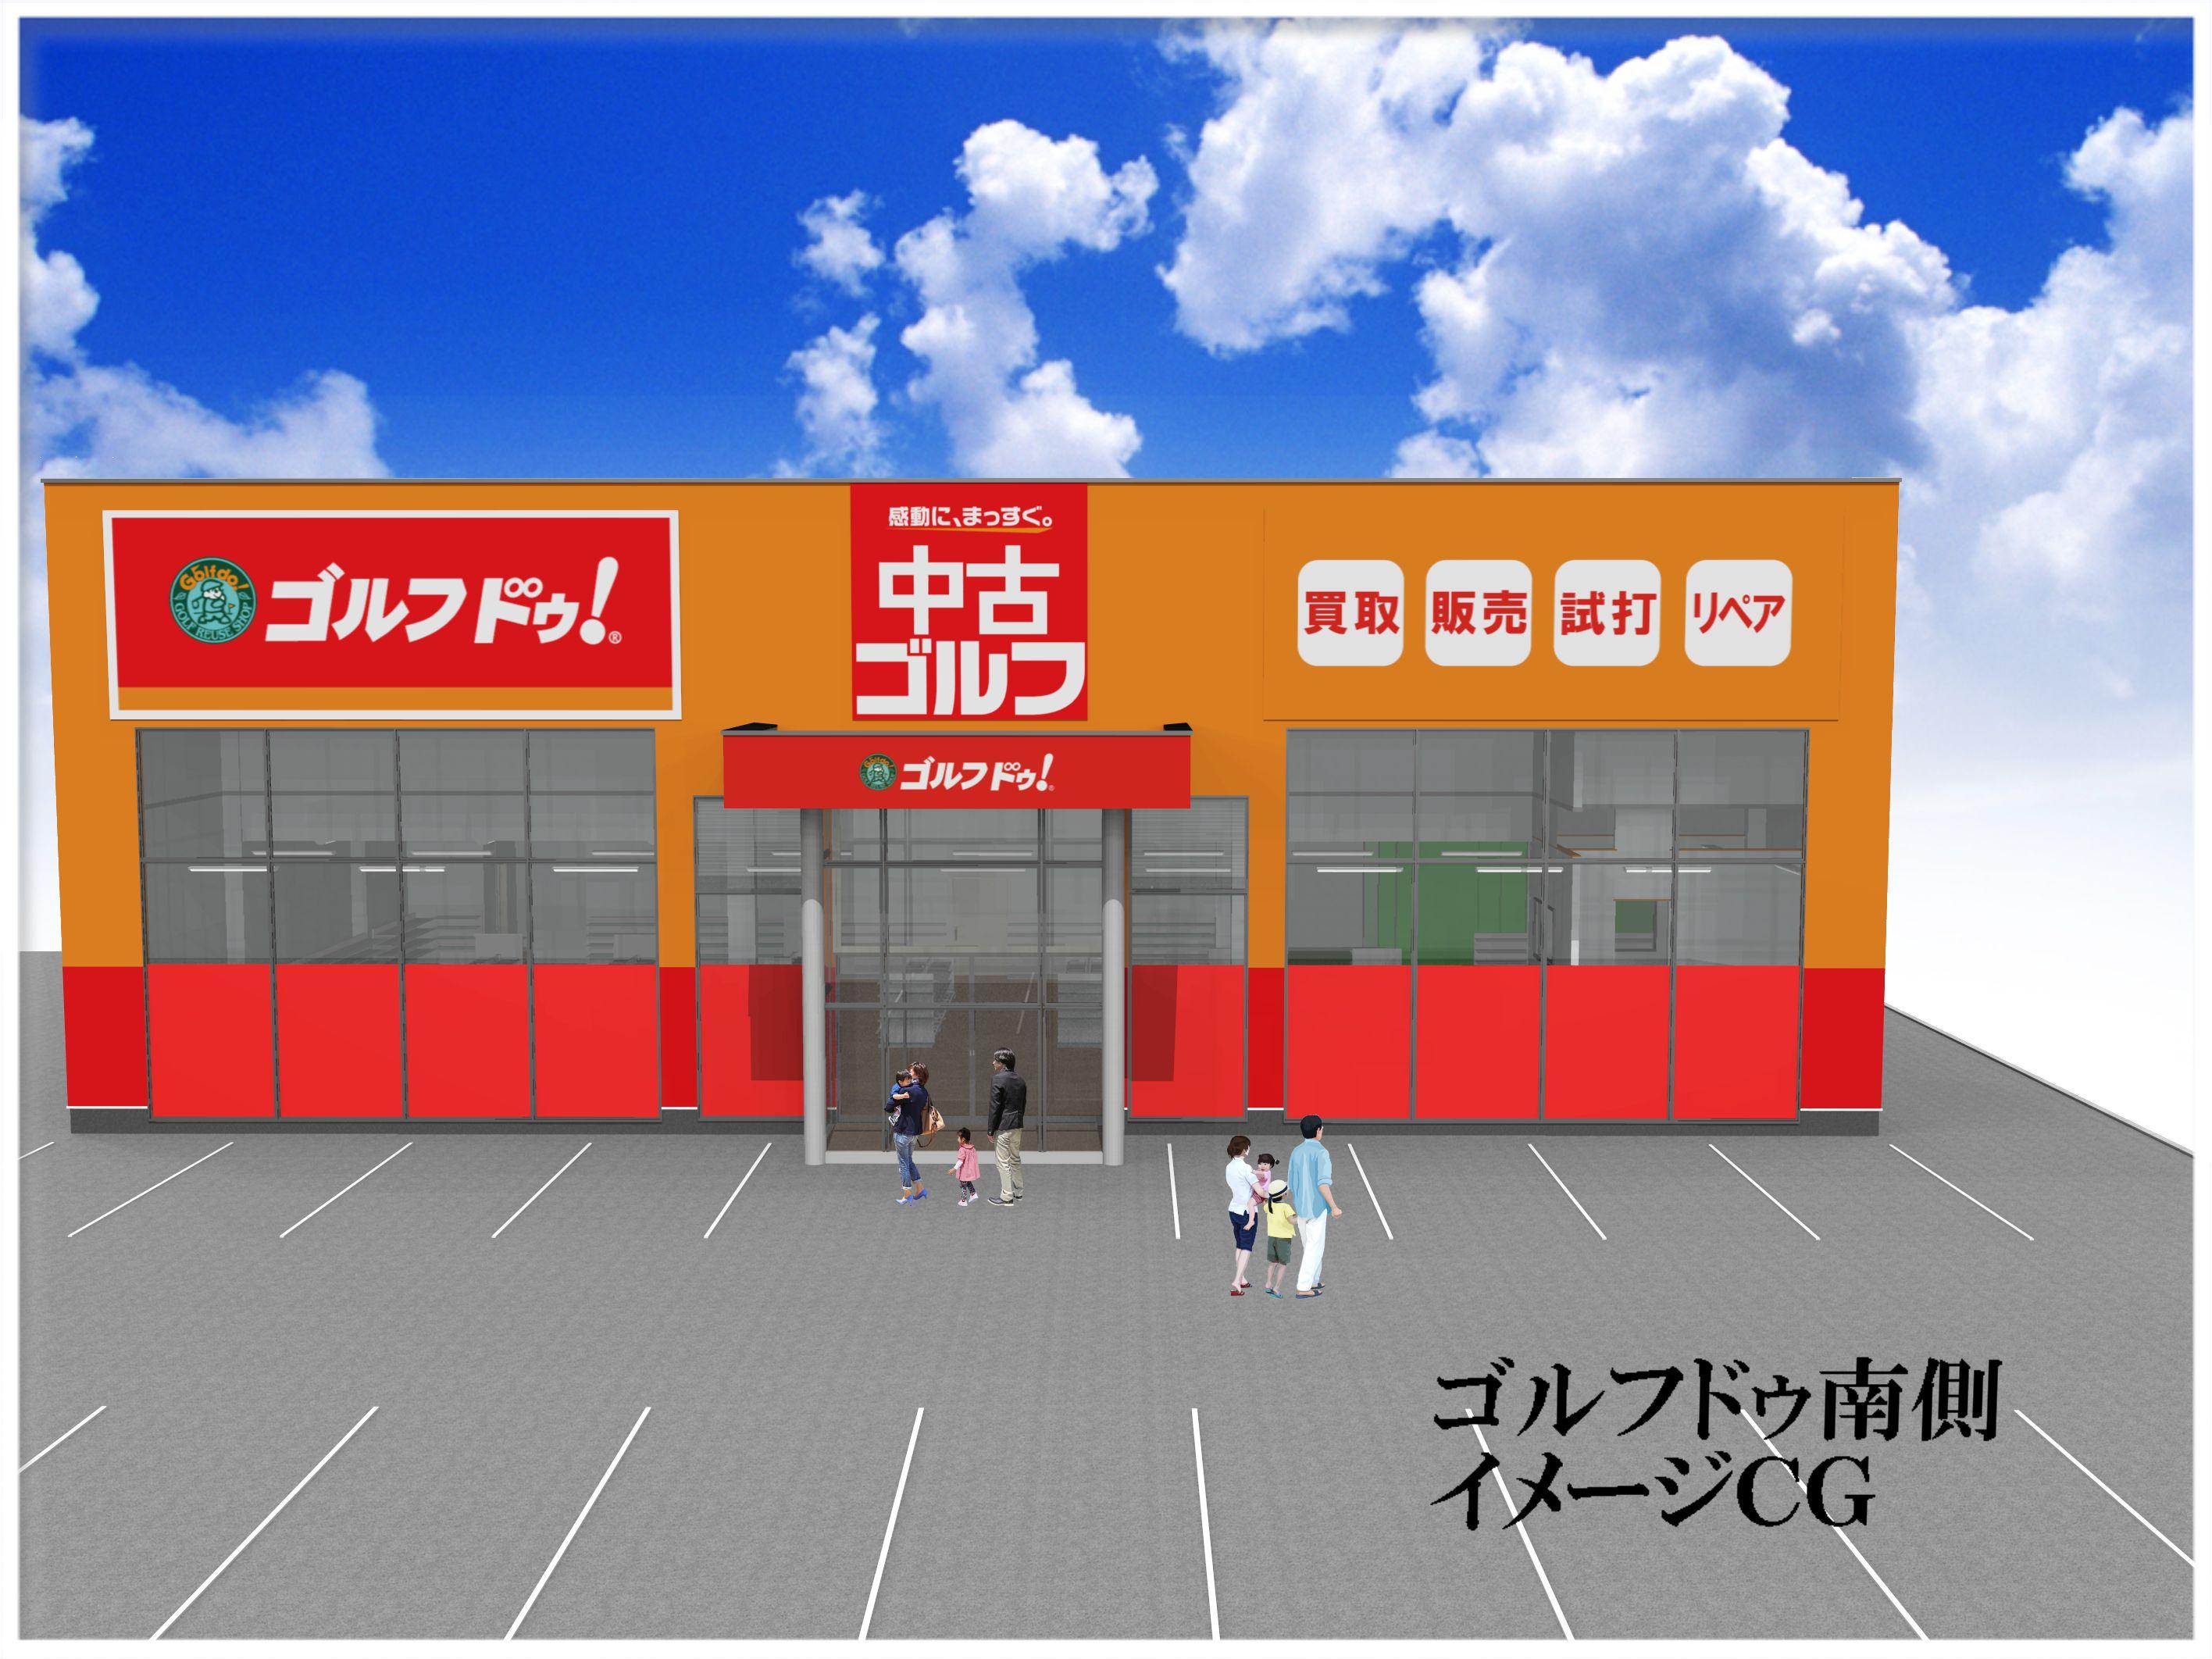 ゴルフドゥ様 店舗移転工事 CG